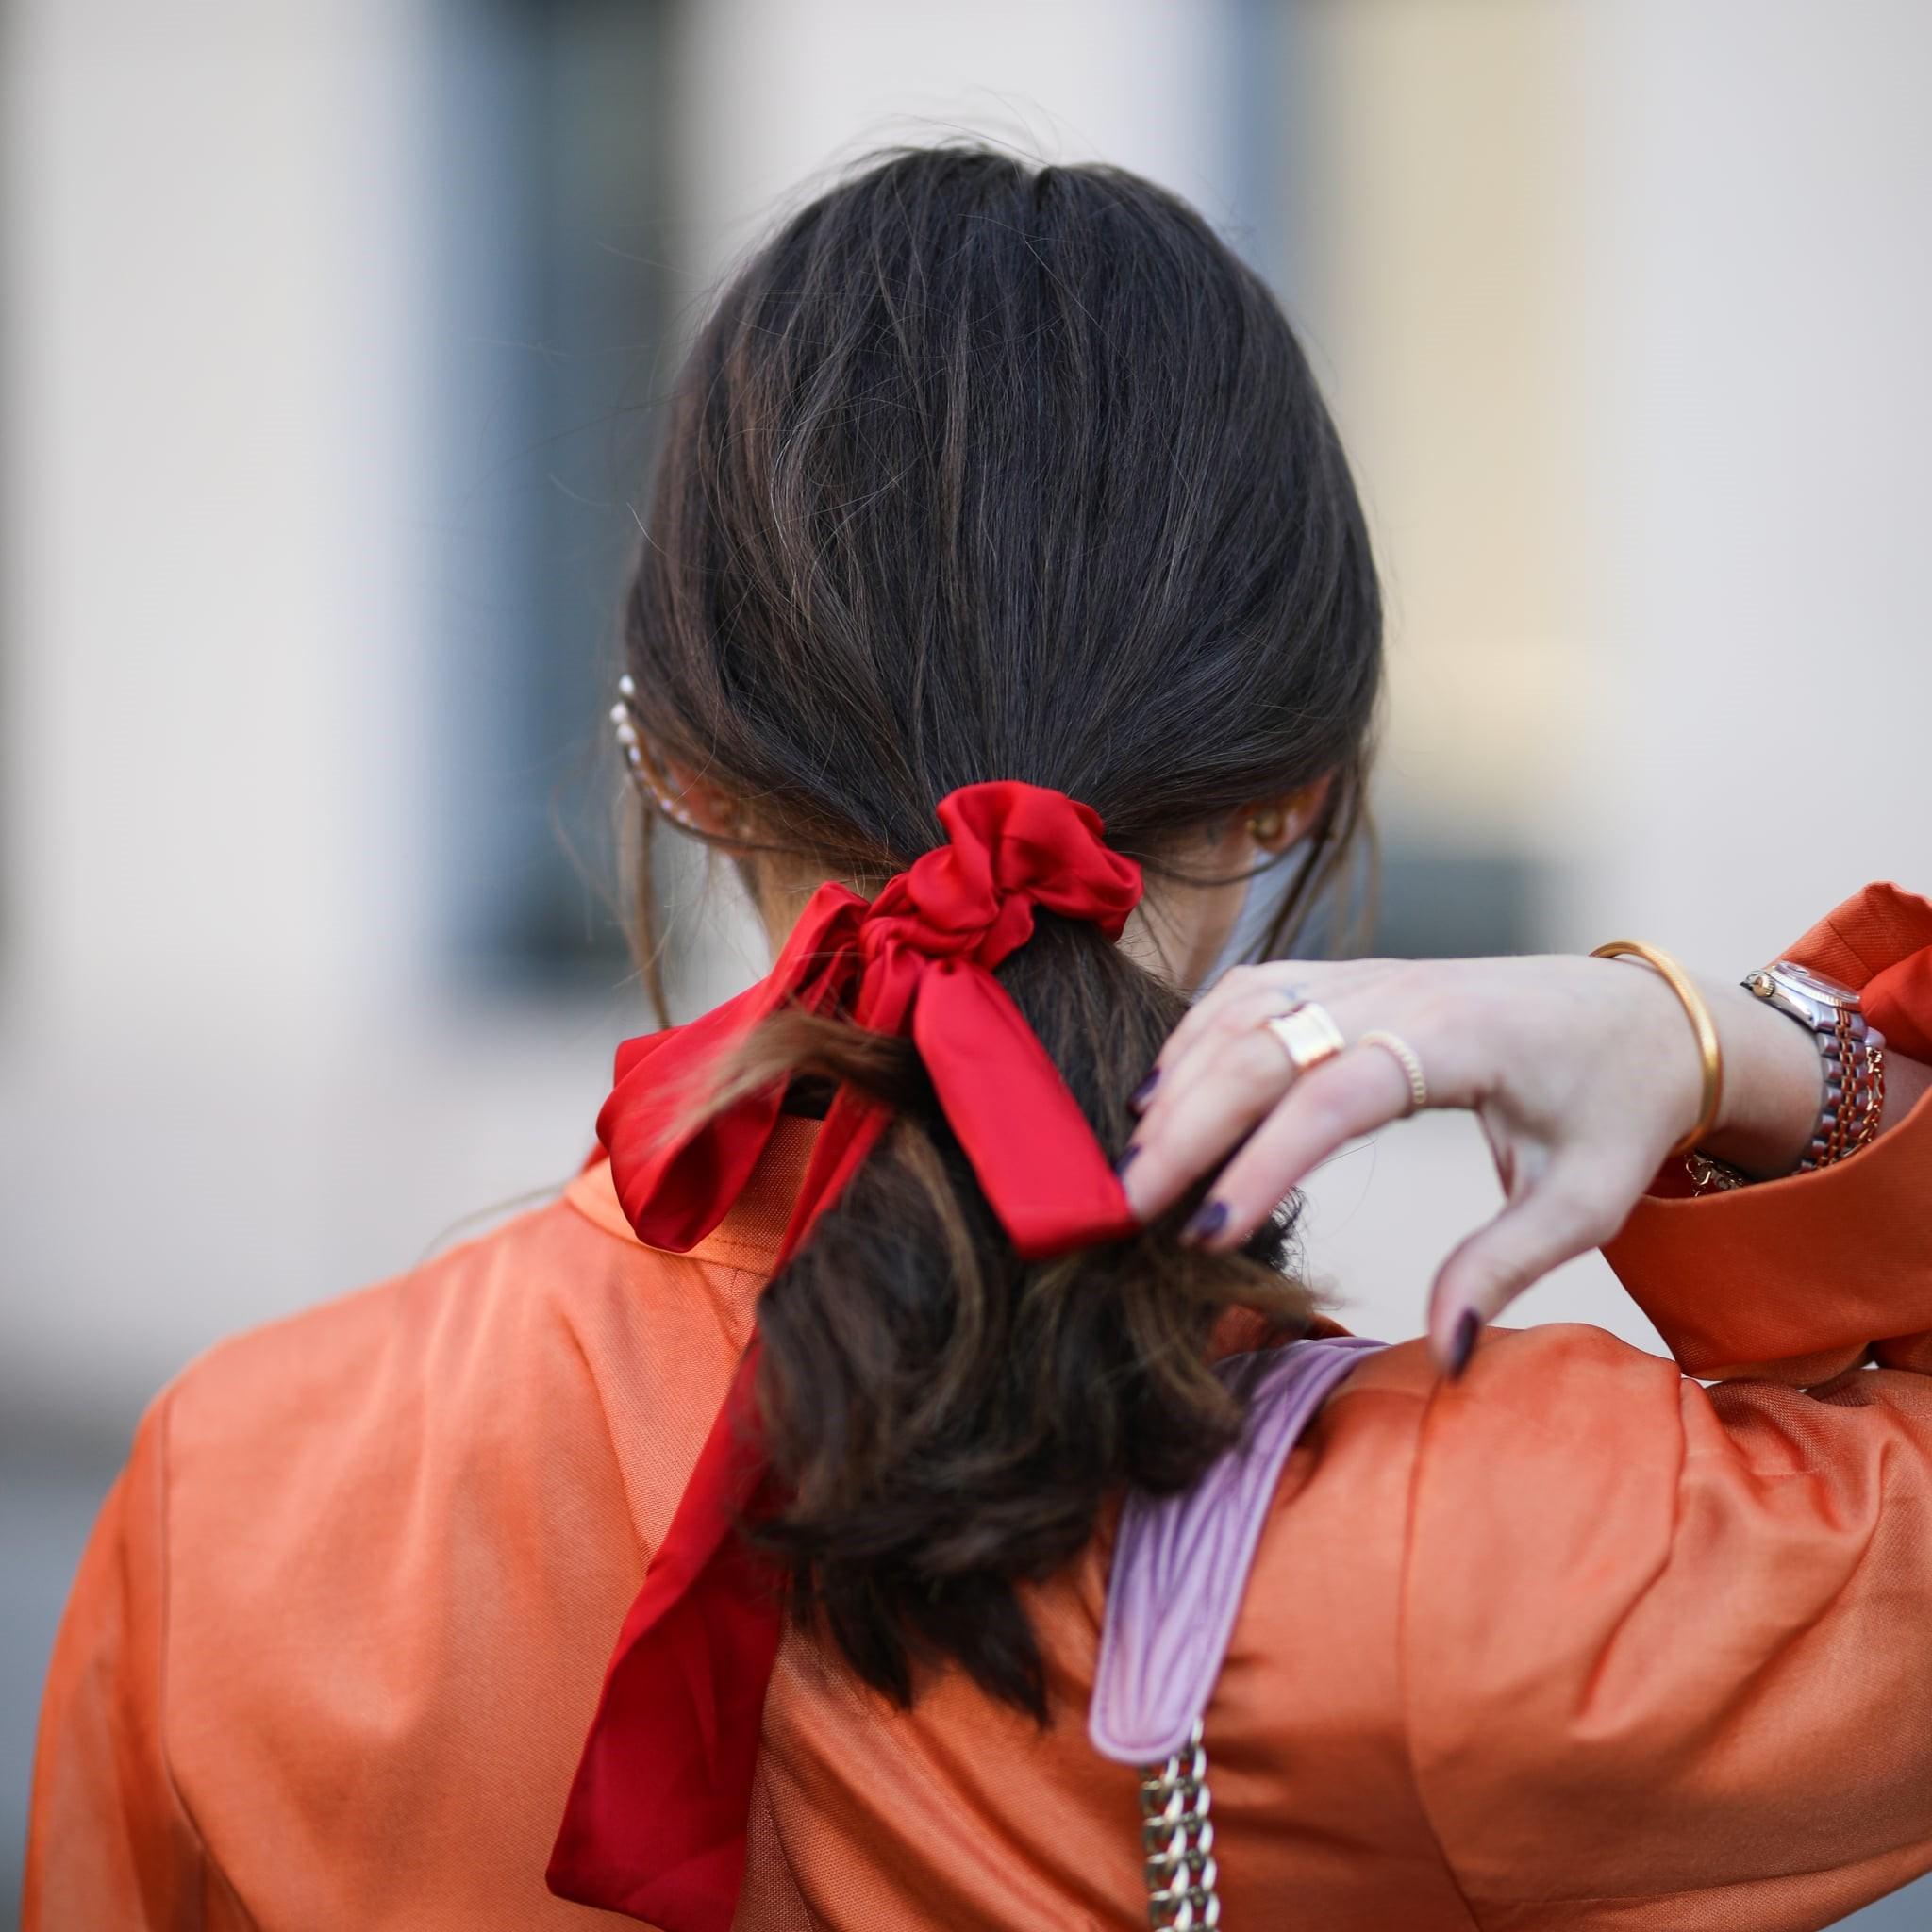 Ajoutez un foulard dans une couleur vive.